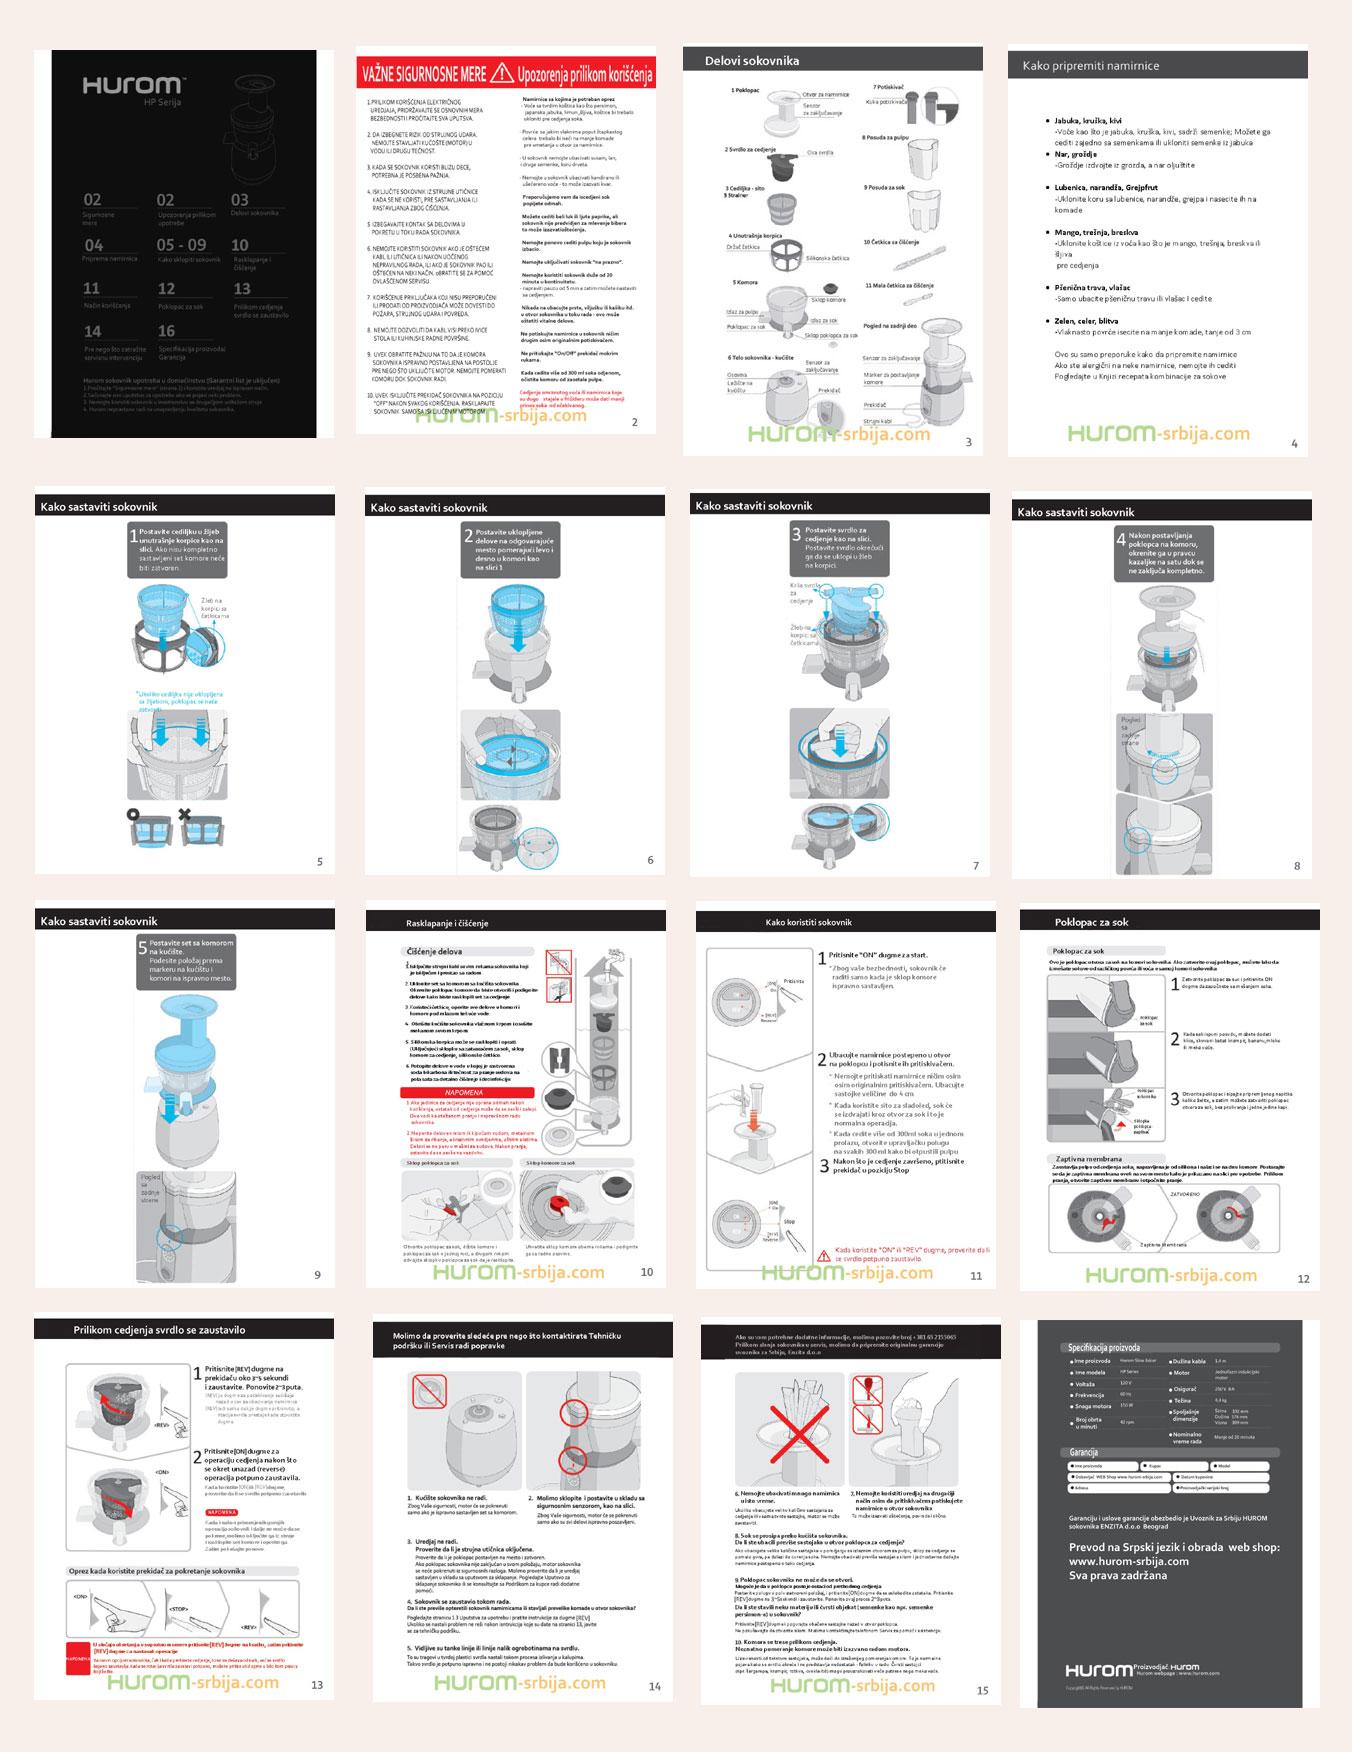 Uputsvo za upotrebu u .pdf formatu šaljemo Vam nakon kupovine